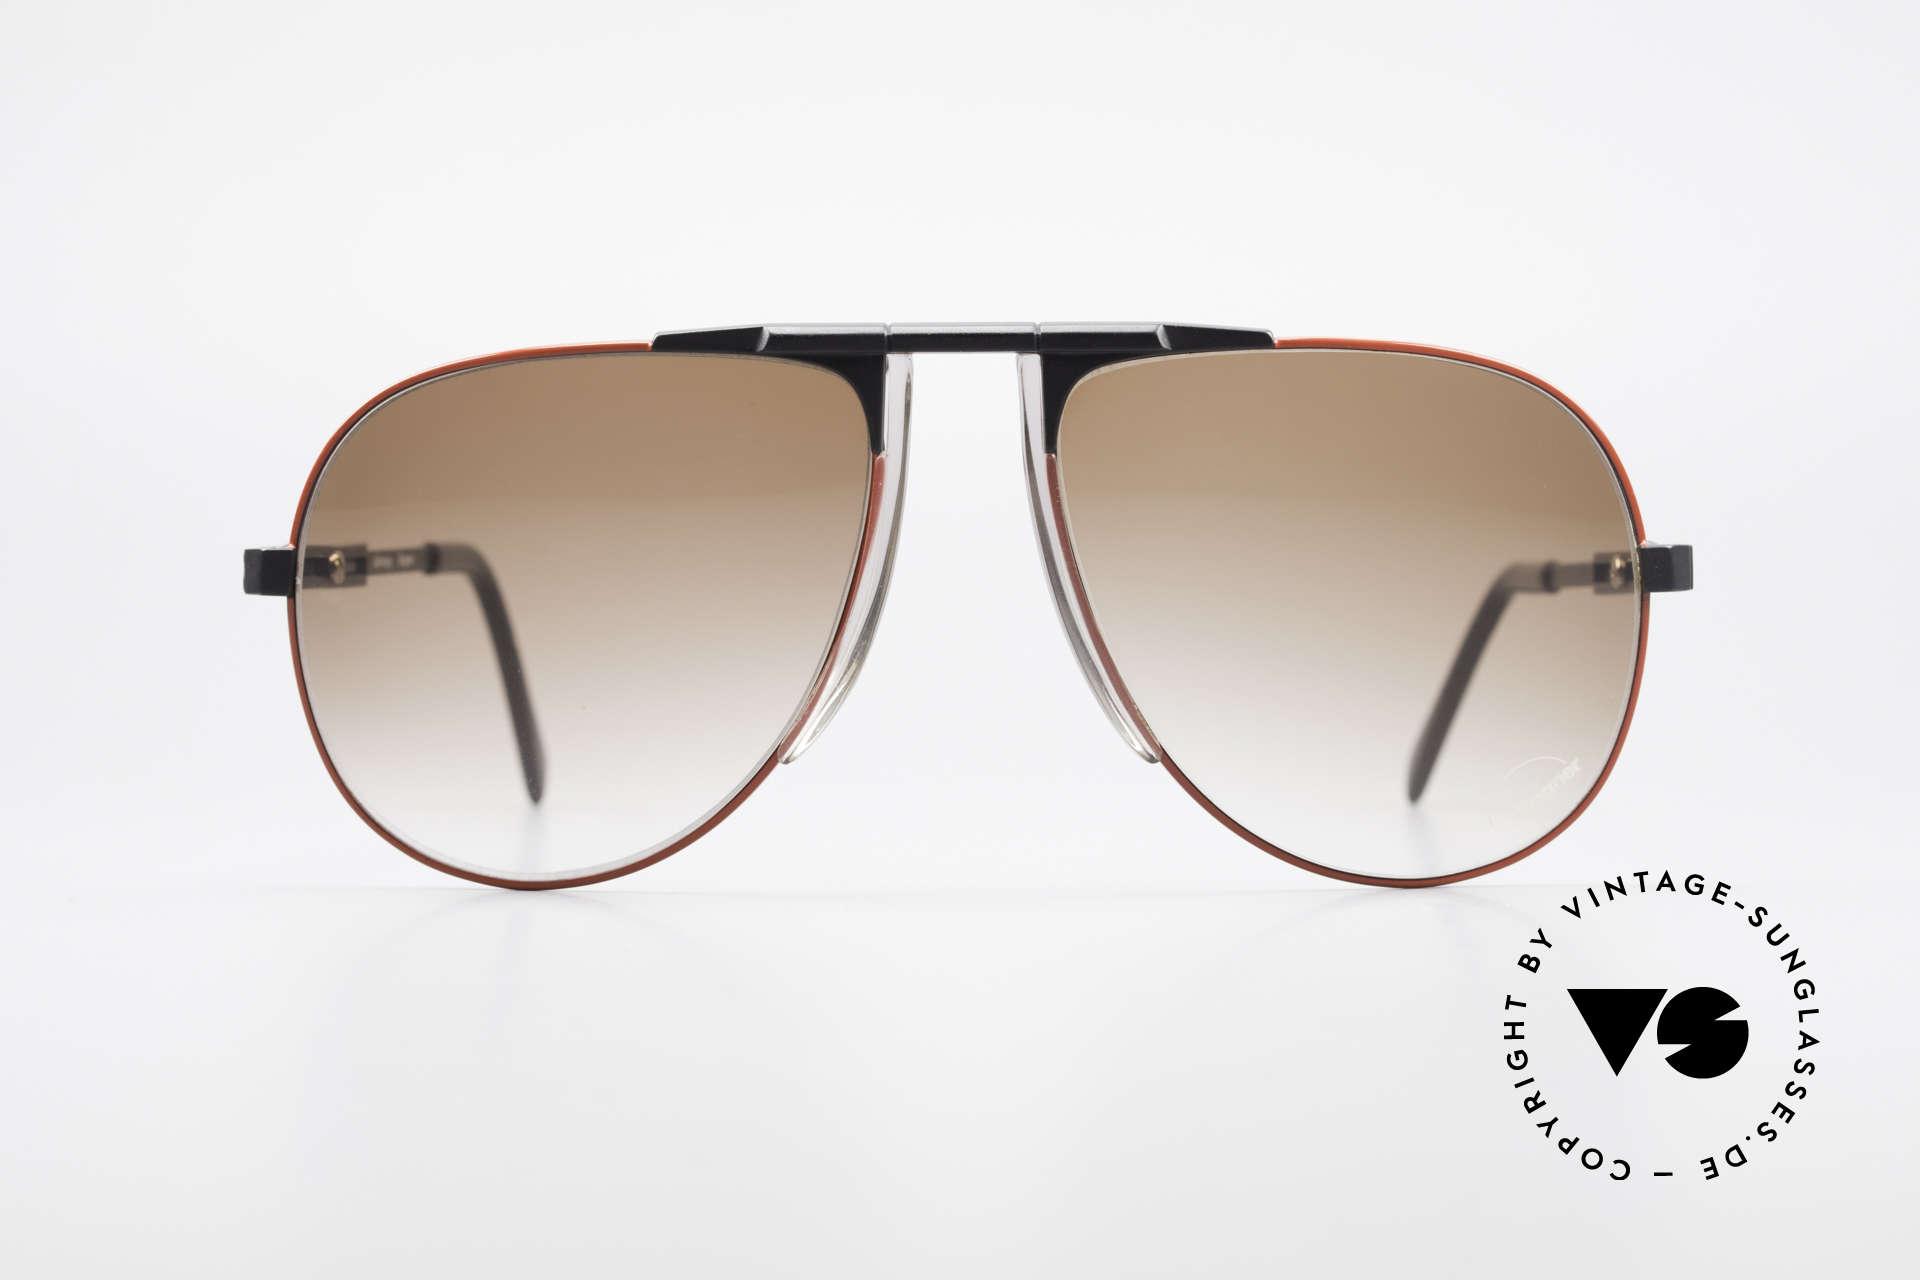 Willy Bogner 7011 Einstellbare 80er Sonnenbrille, stufenlos verstellbare Eschenbach-Bügel (1A Komfort), Passend für Herren